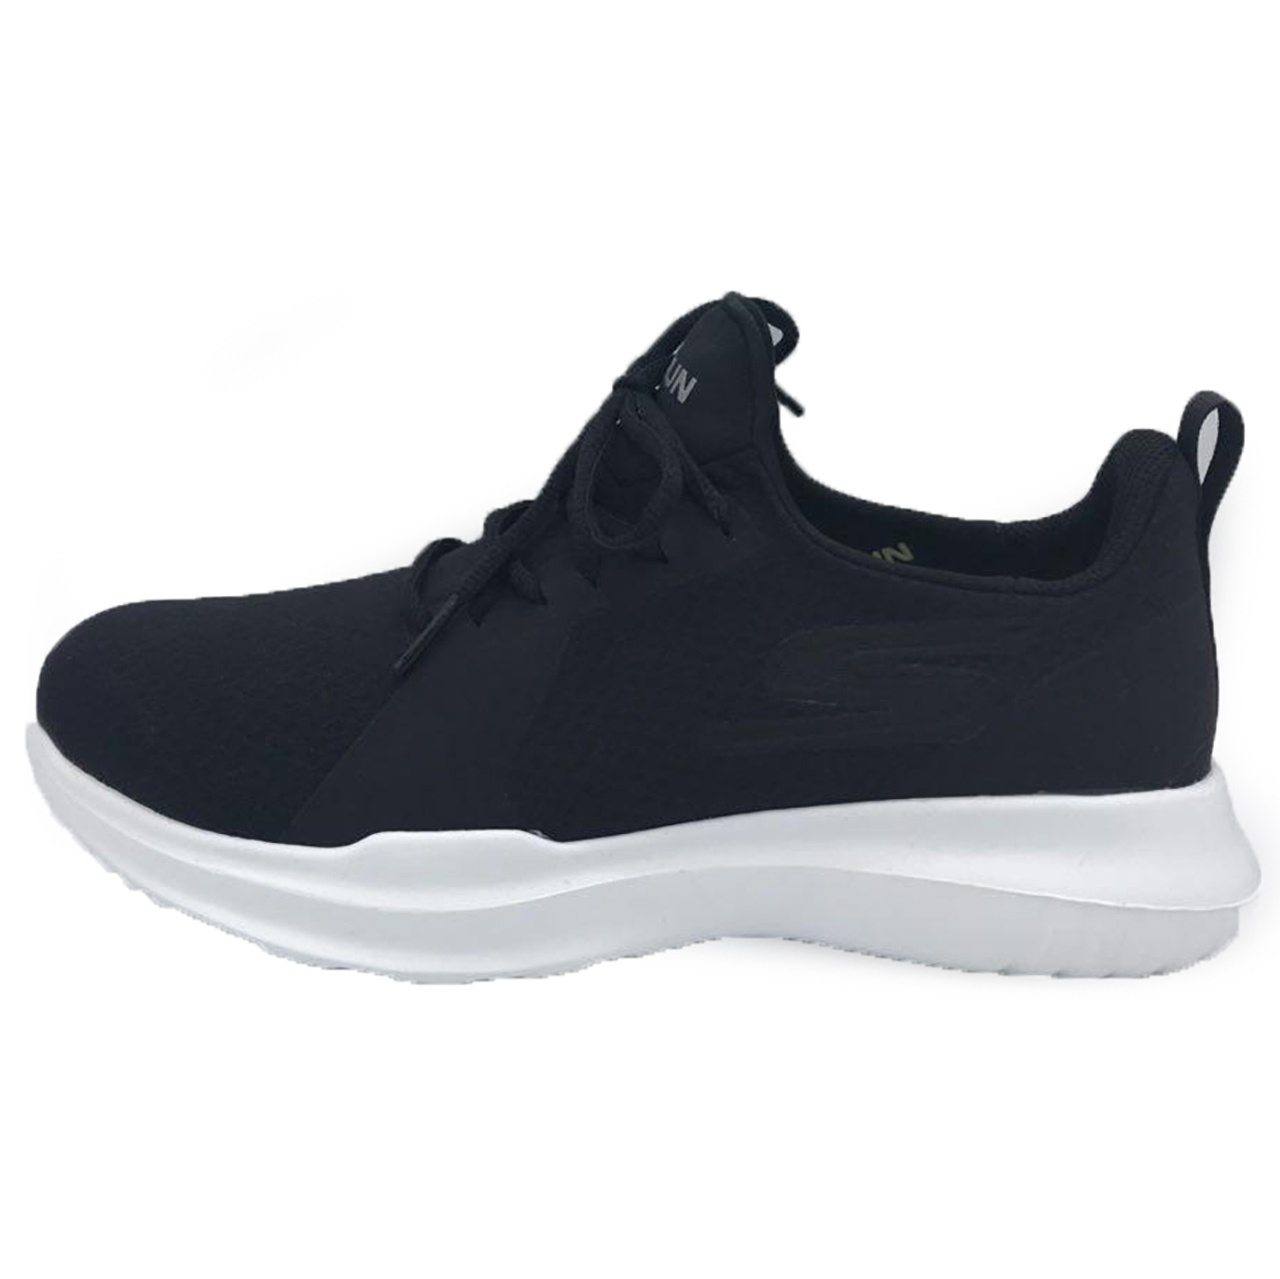 کفش مخصوص پیاده روی مردانه اسکچرز مدل Go Run